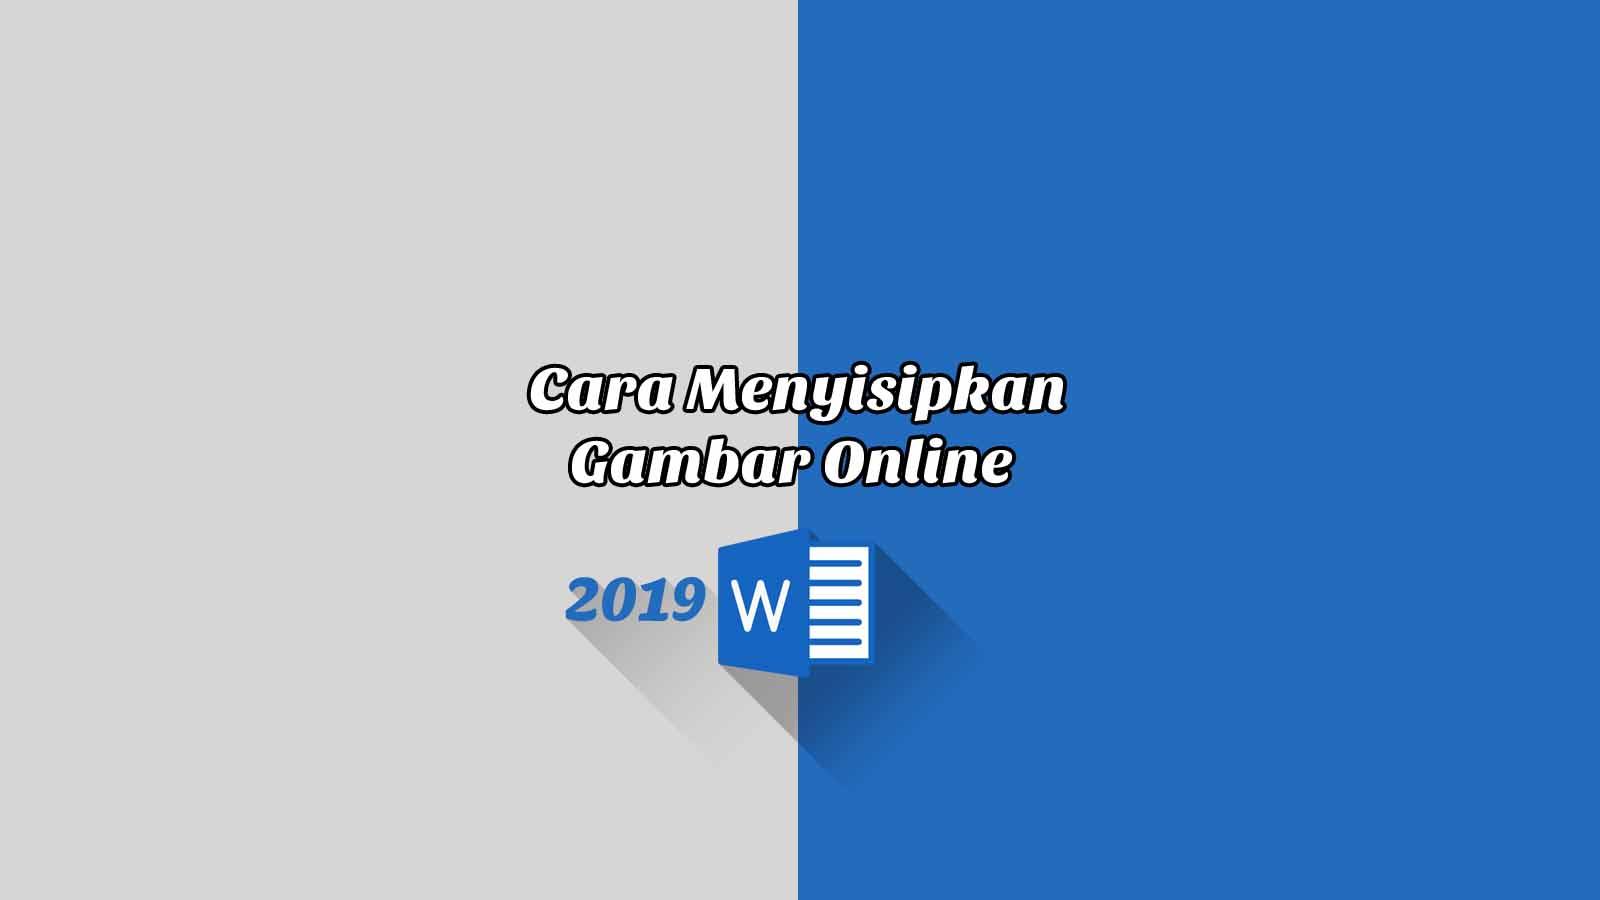 Cara Menyisipkan Gambar Online - Word 2019